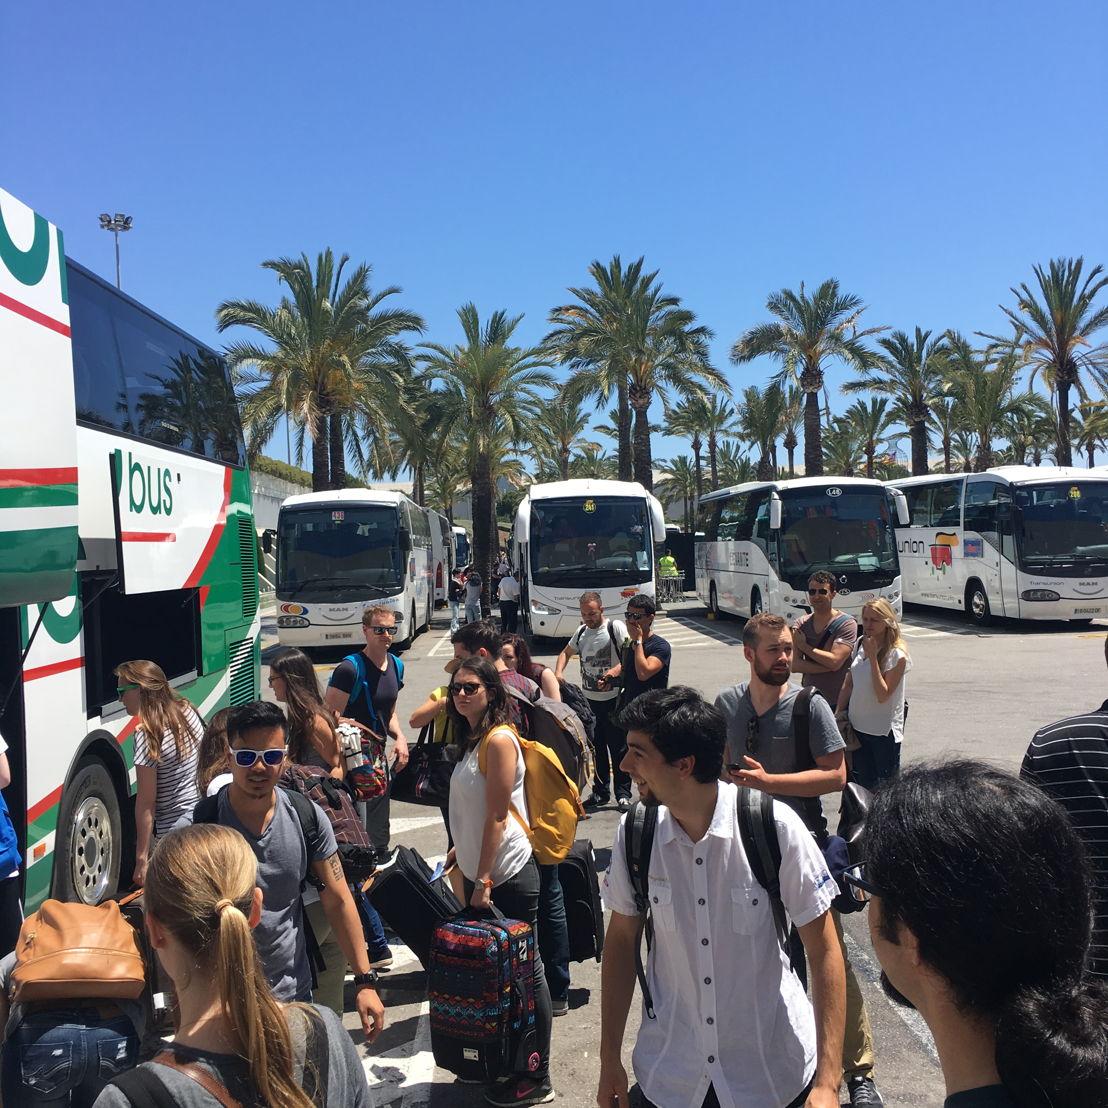 Nach der Landung ging es weiter mit dem Bus in Richtung Hotel...